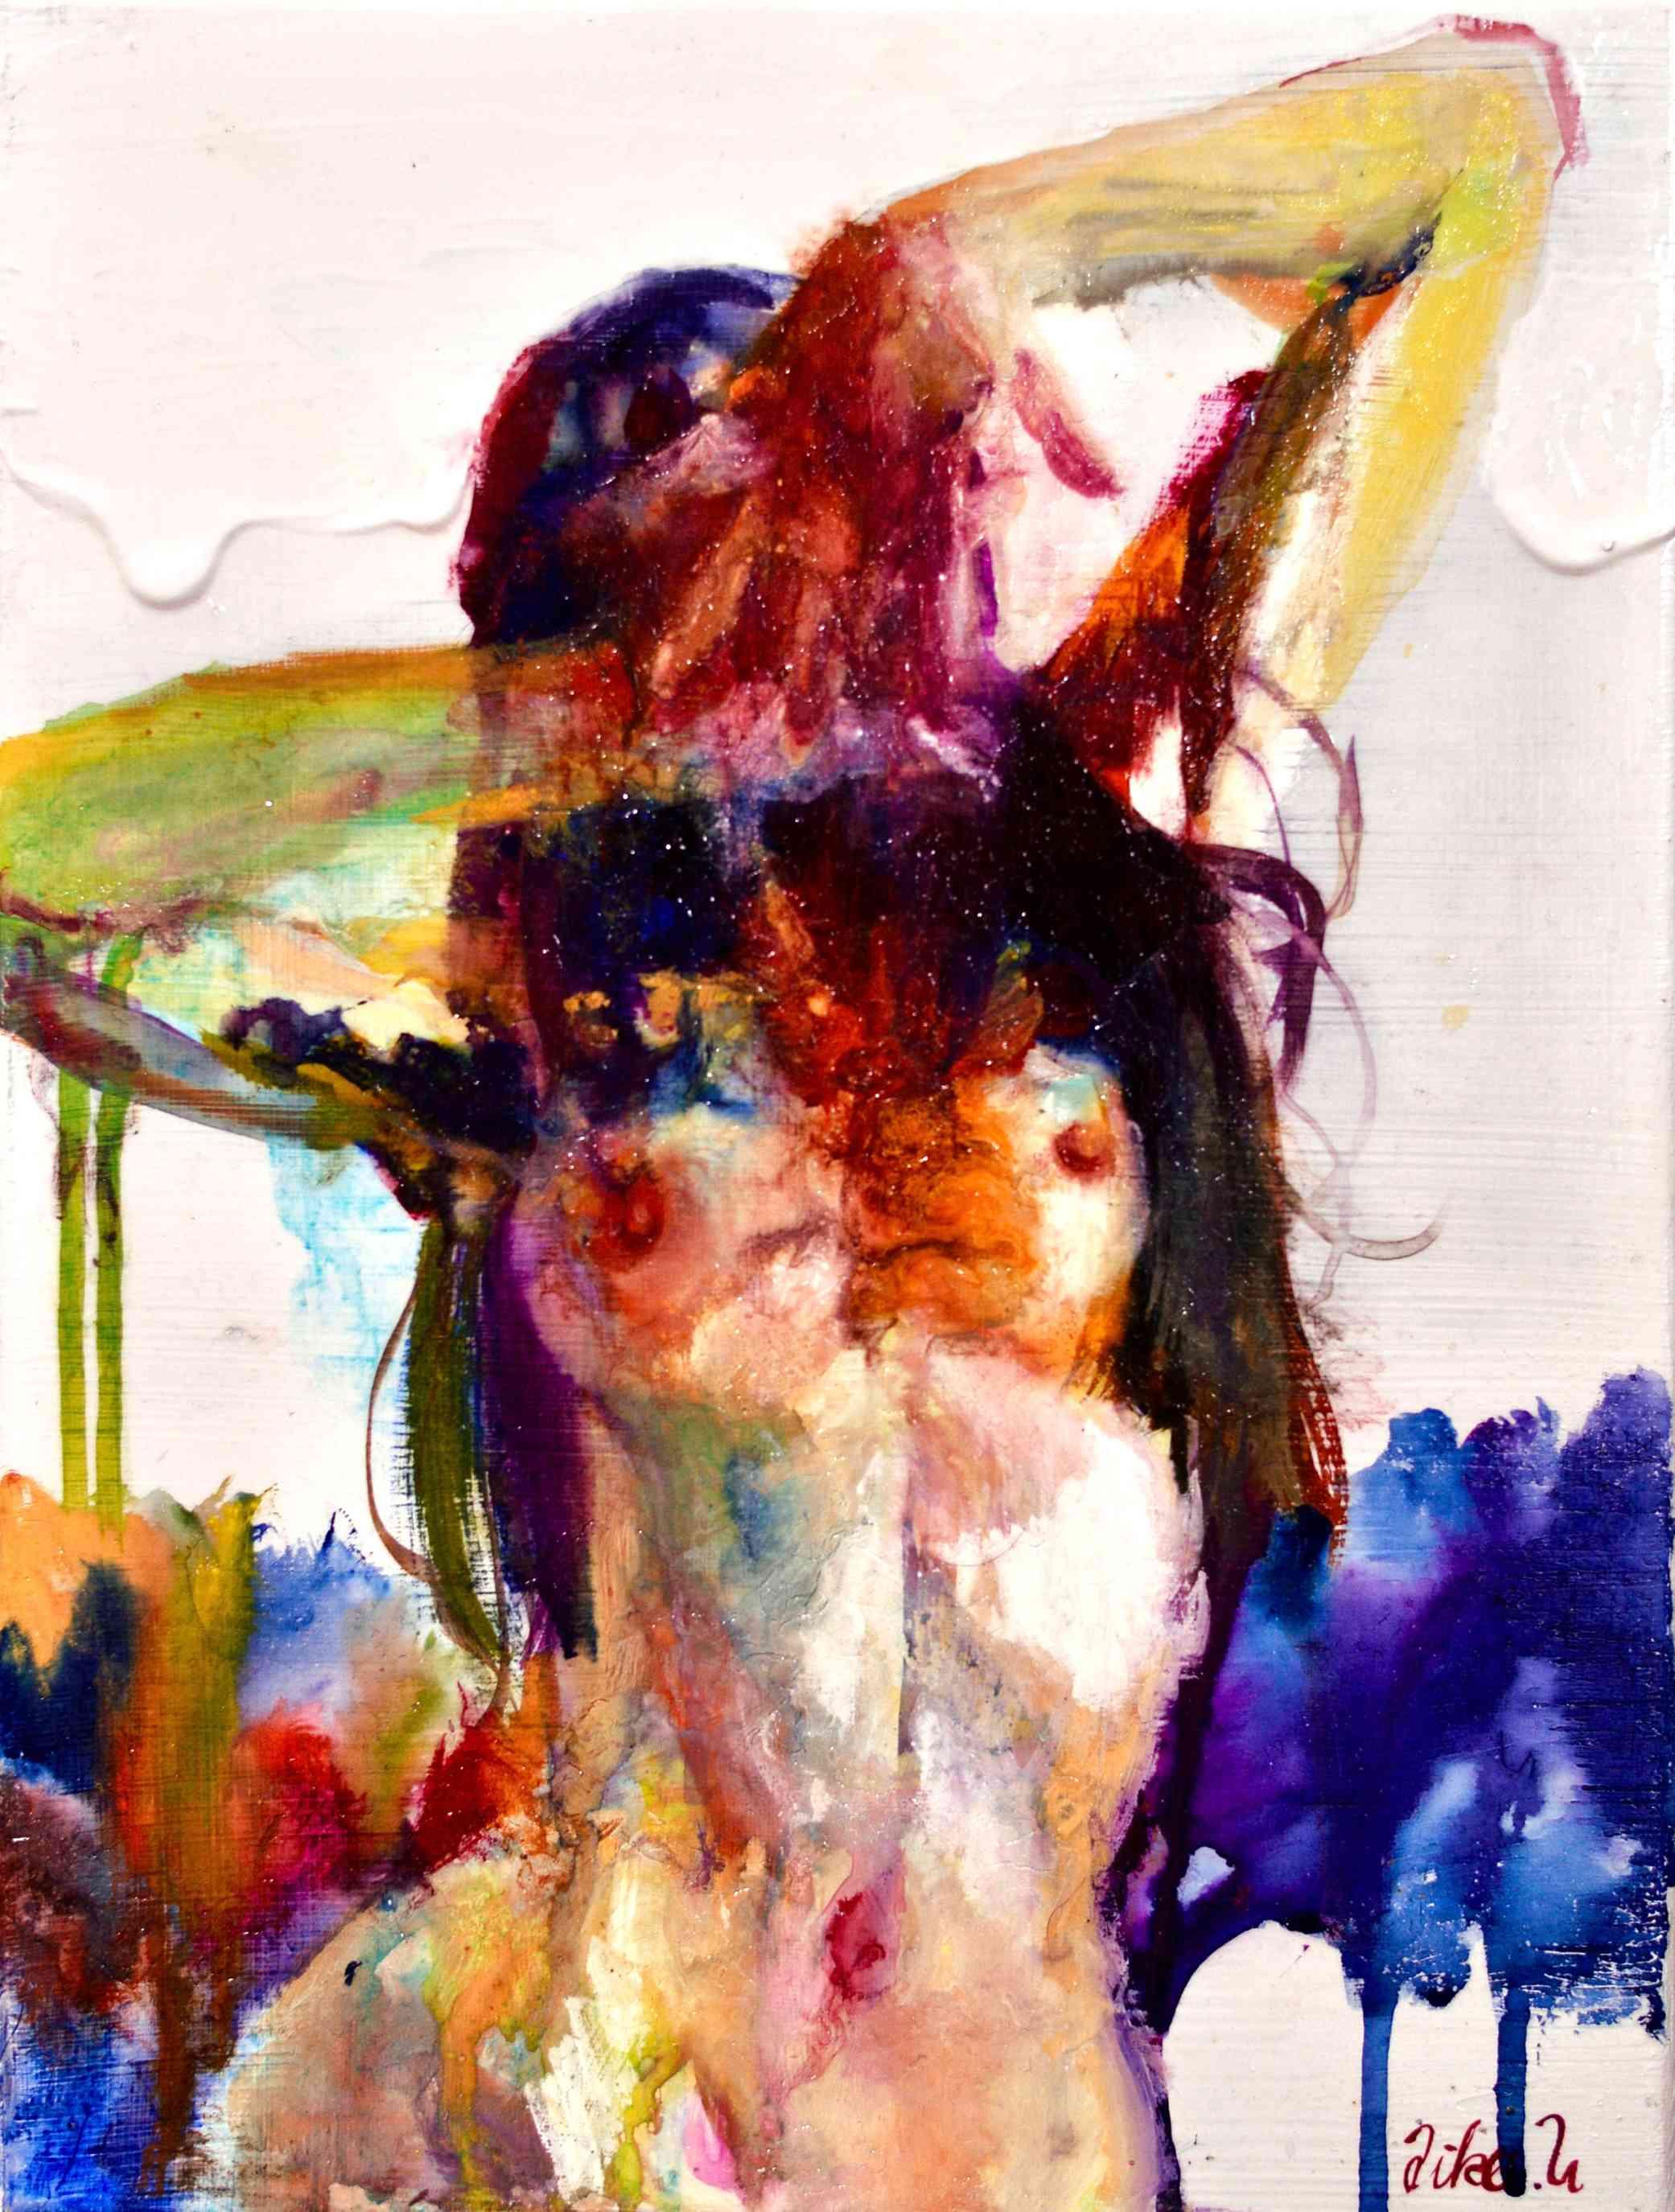 pose Bild Ihres Kunstwerks an der Wand